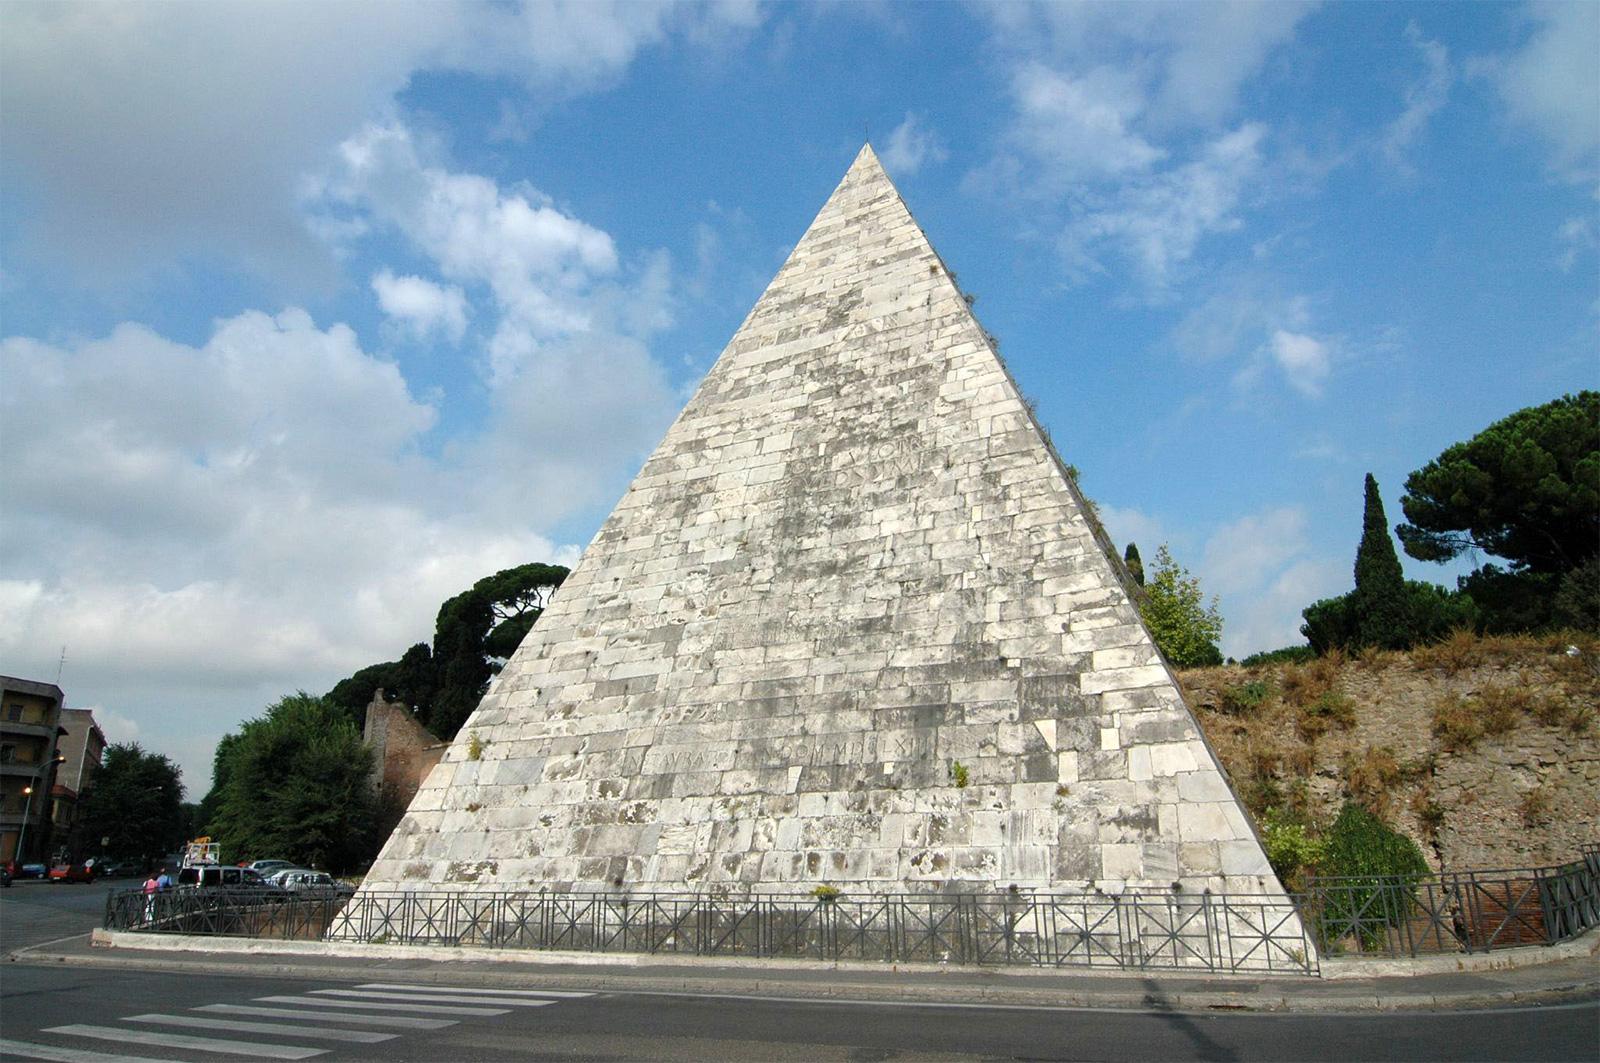 Rome architecture: the Pyramid of Cestius